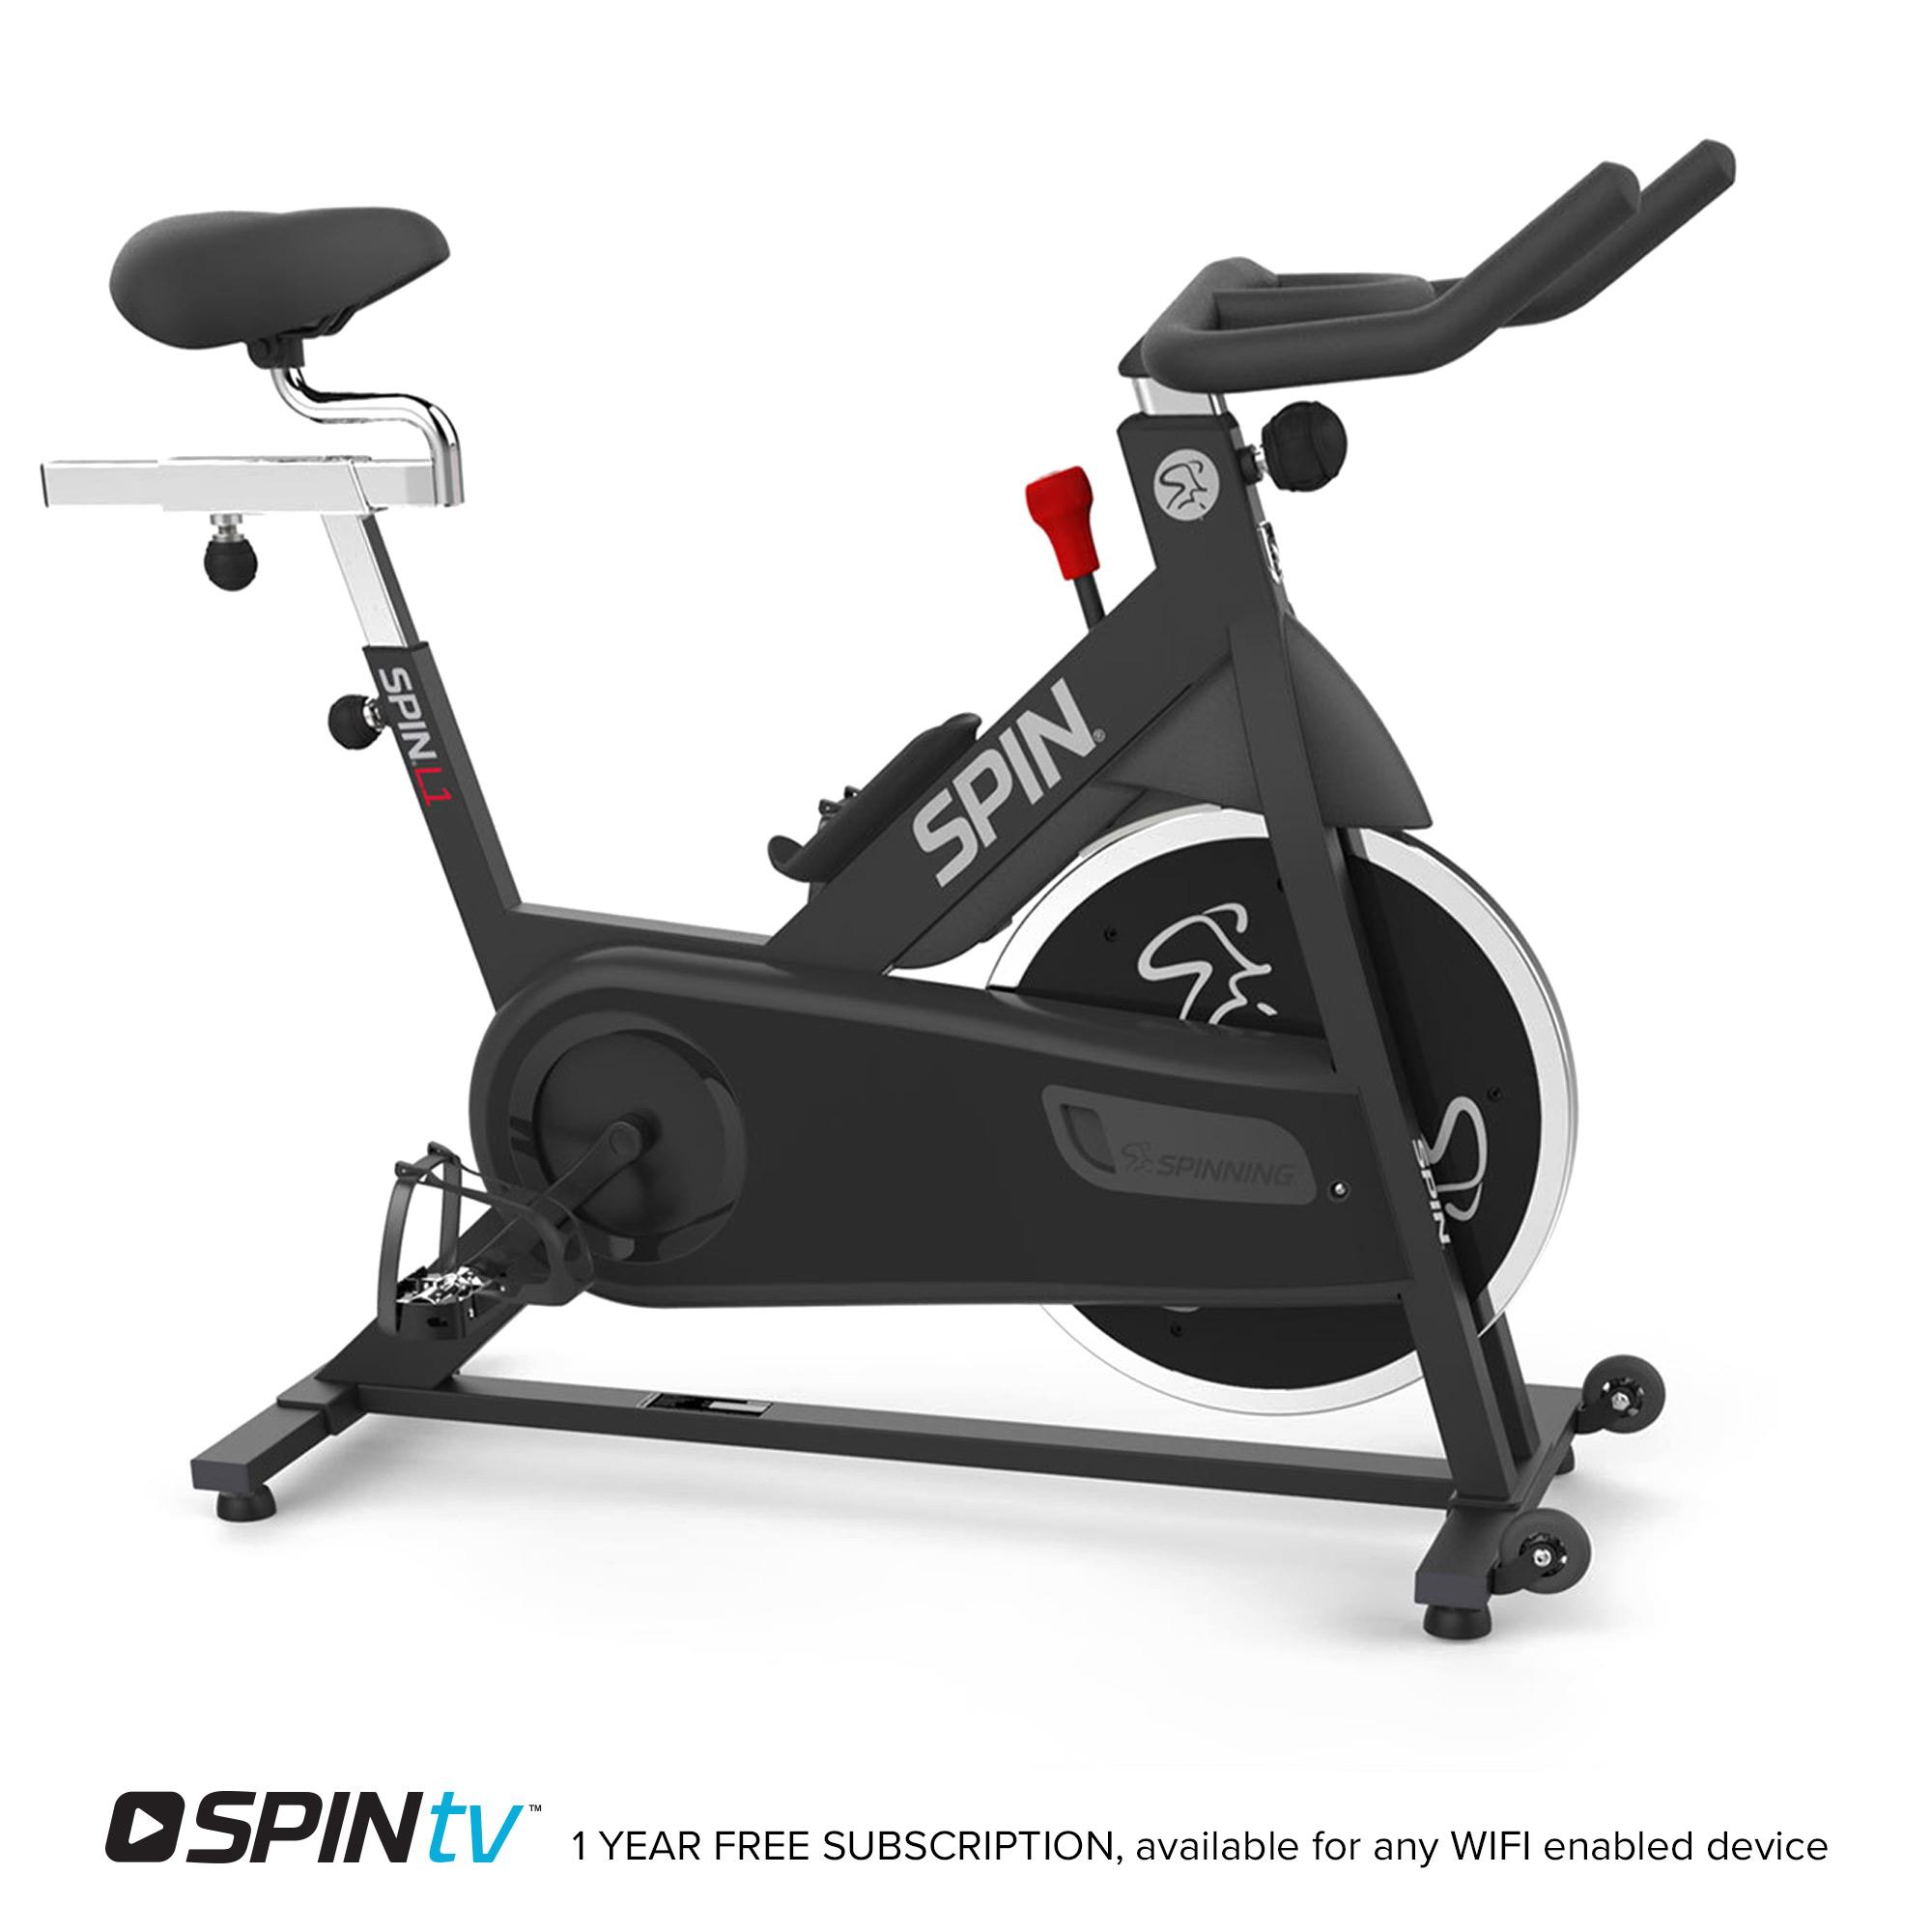 Home Spinner 174 Bikes Spinning 174